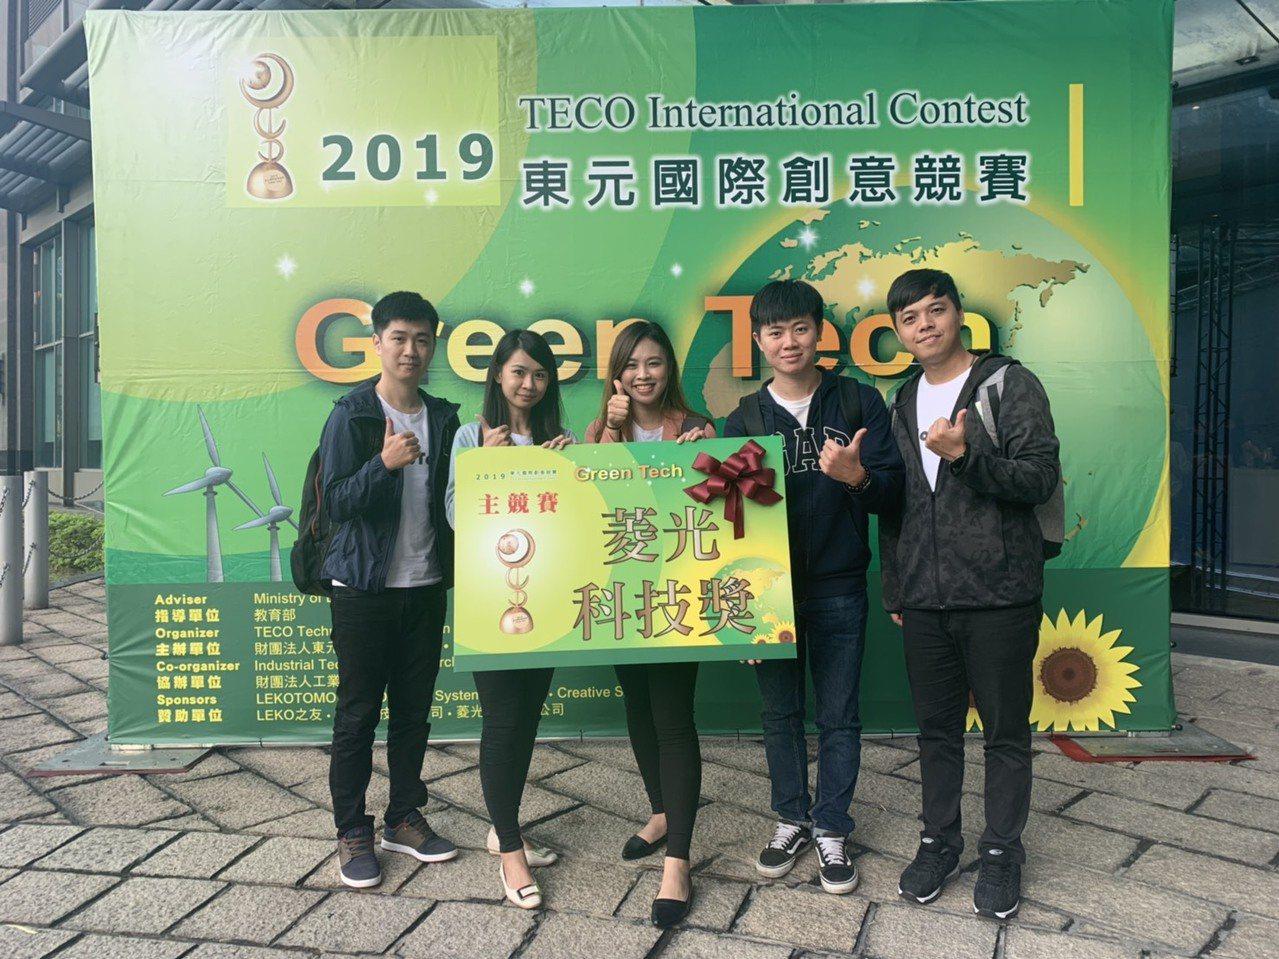 崑大創業團隊參加國際綠能競賽,贏得「菱光科技獎」。圖/校方提供